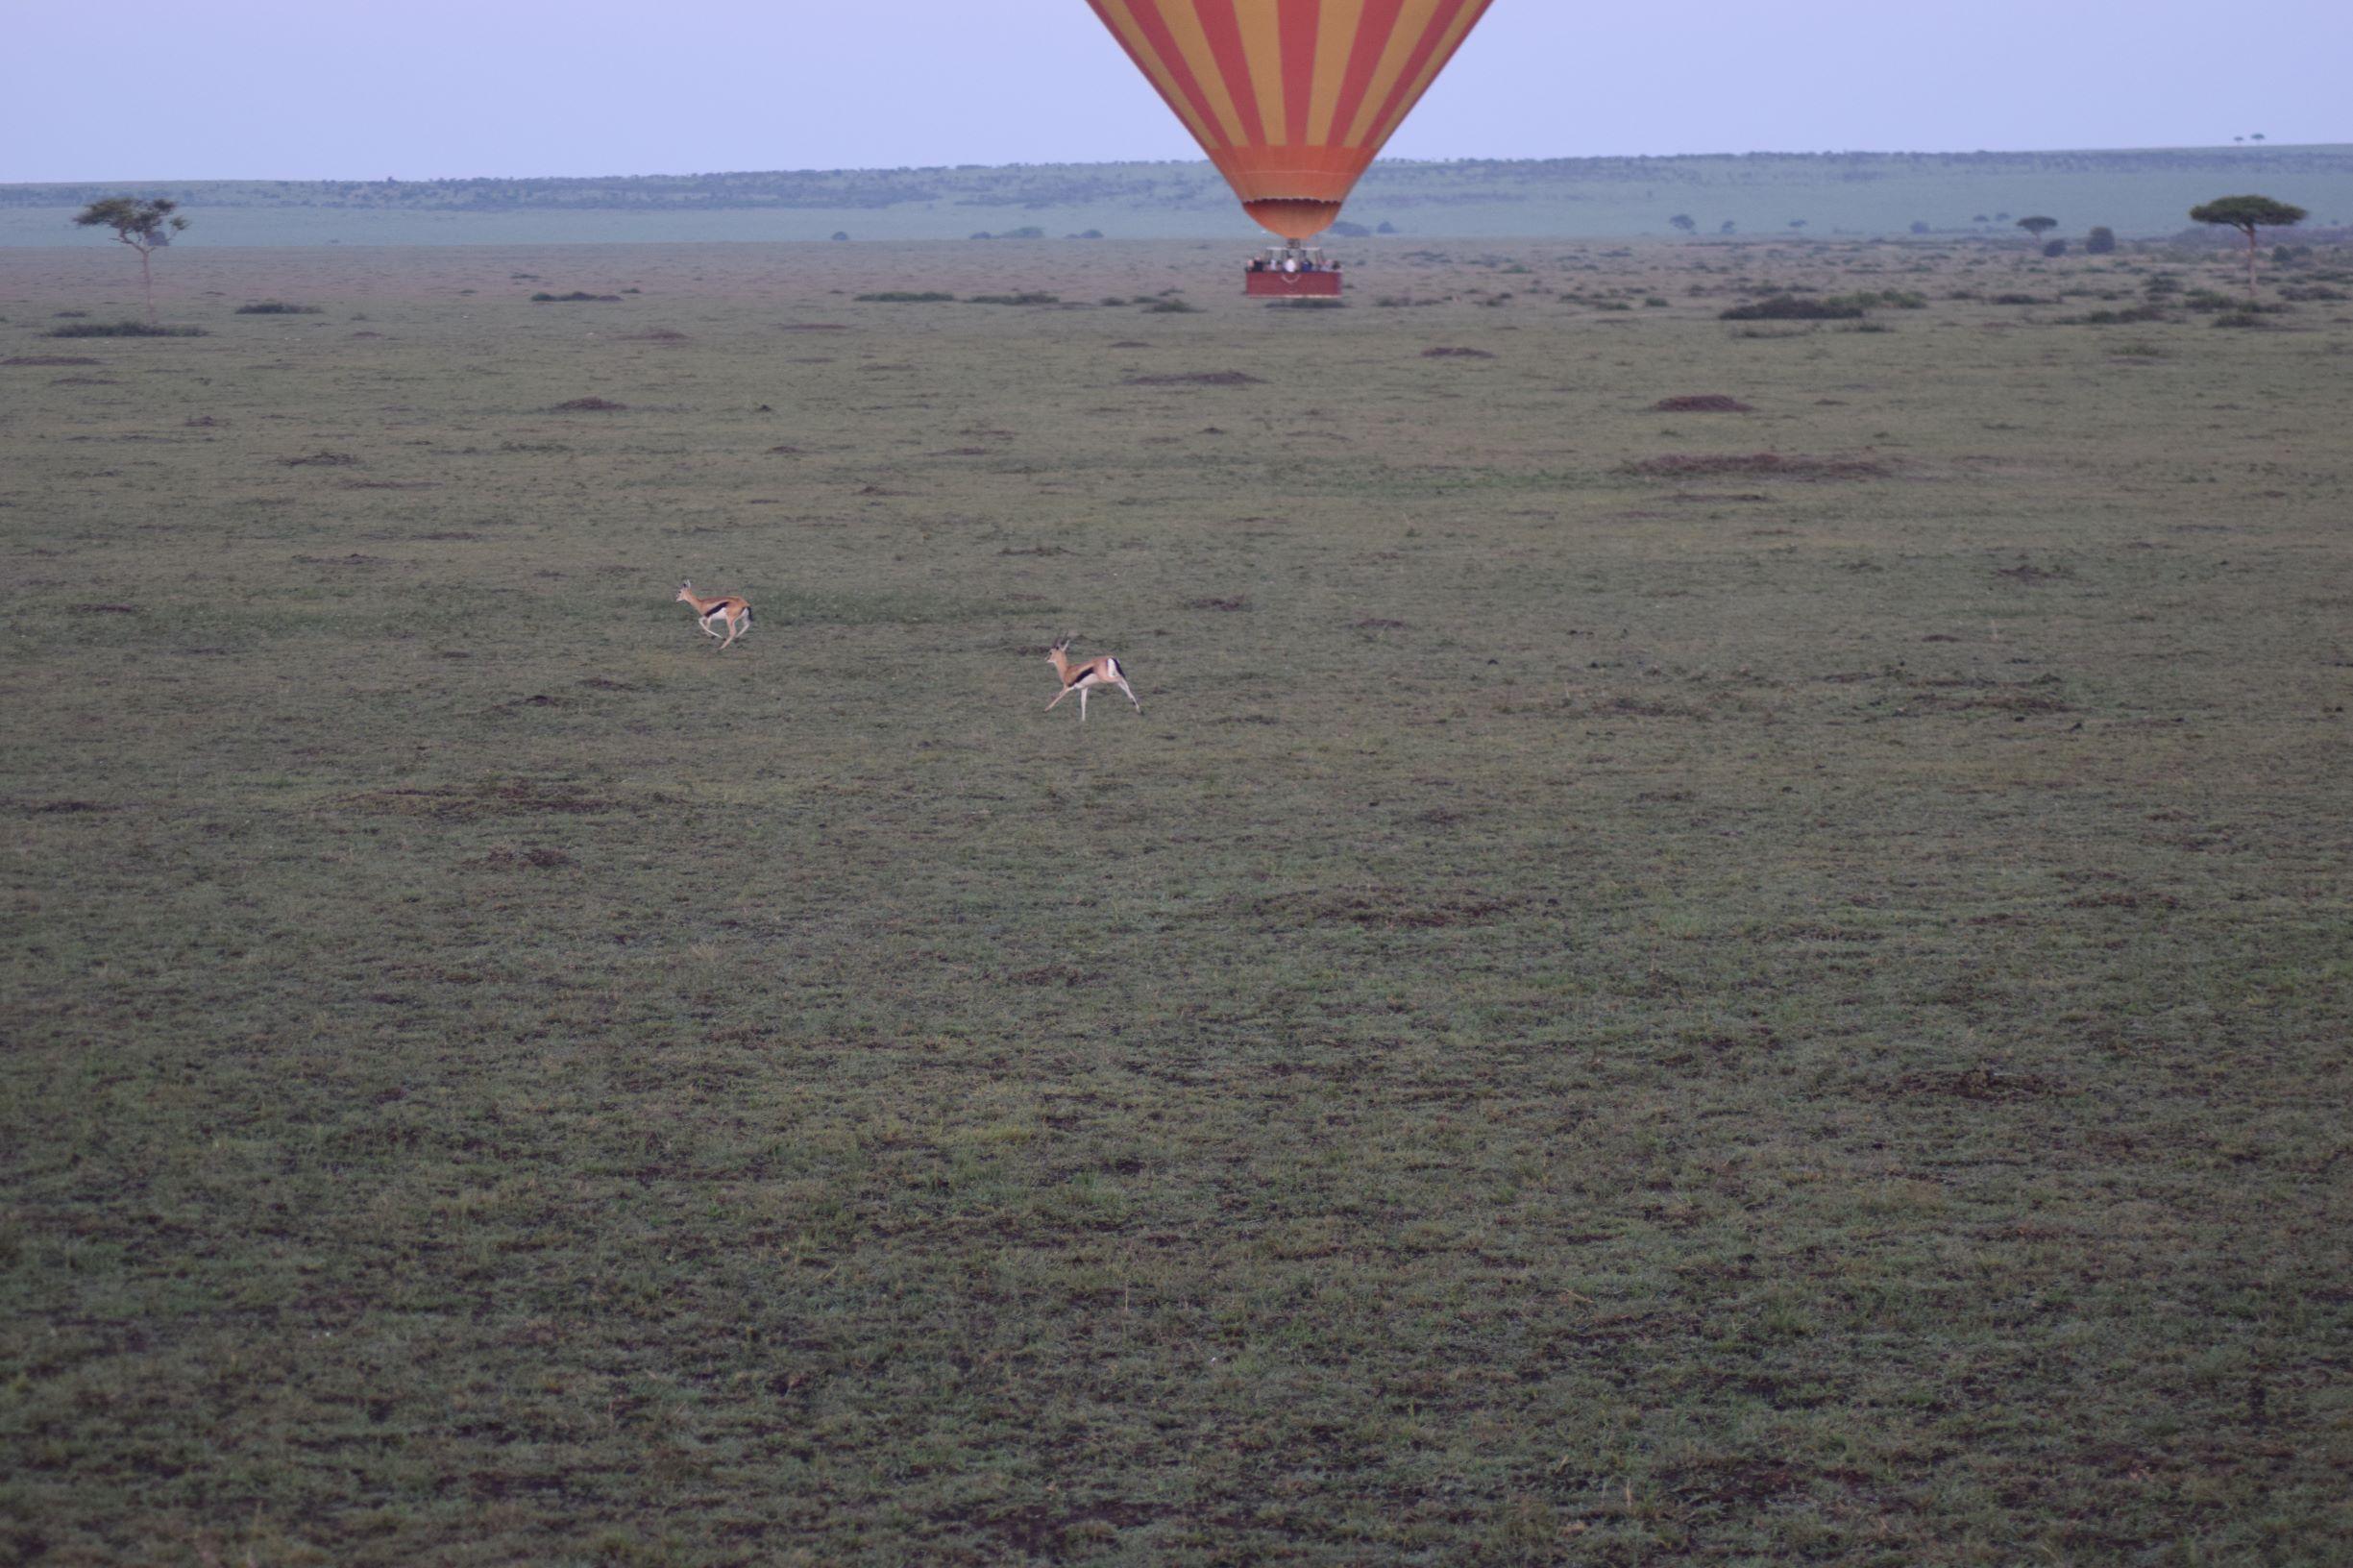 A Hot Air Balloon ride over the Maasai Mara